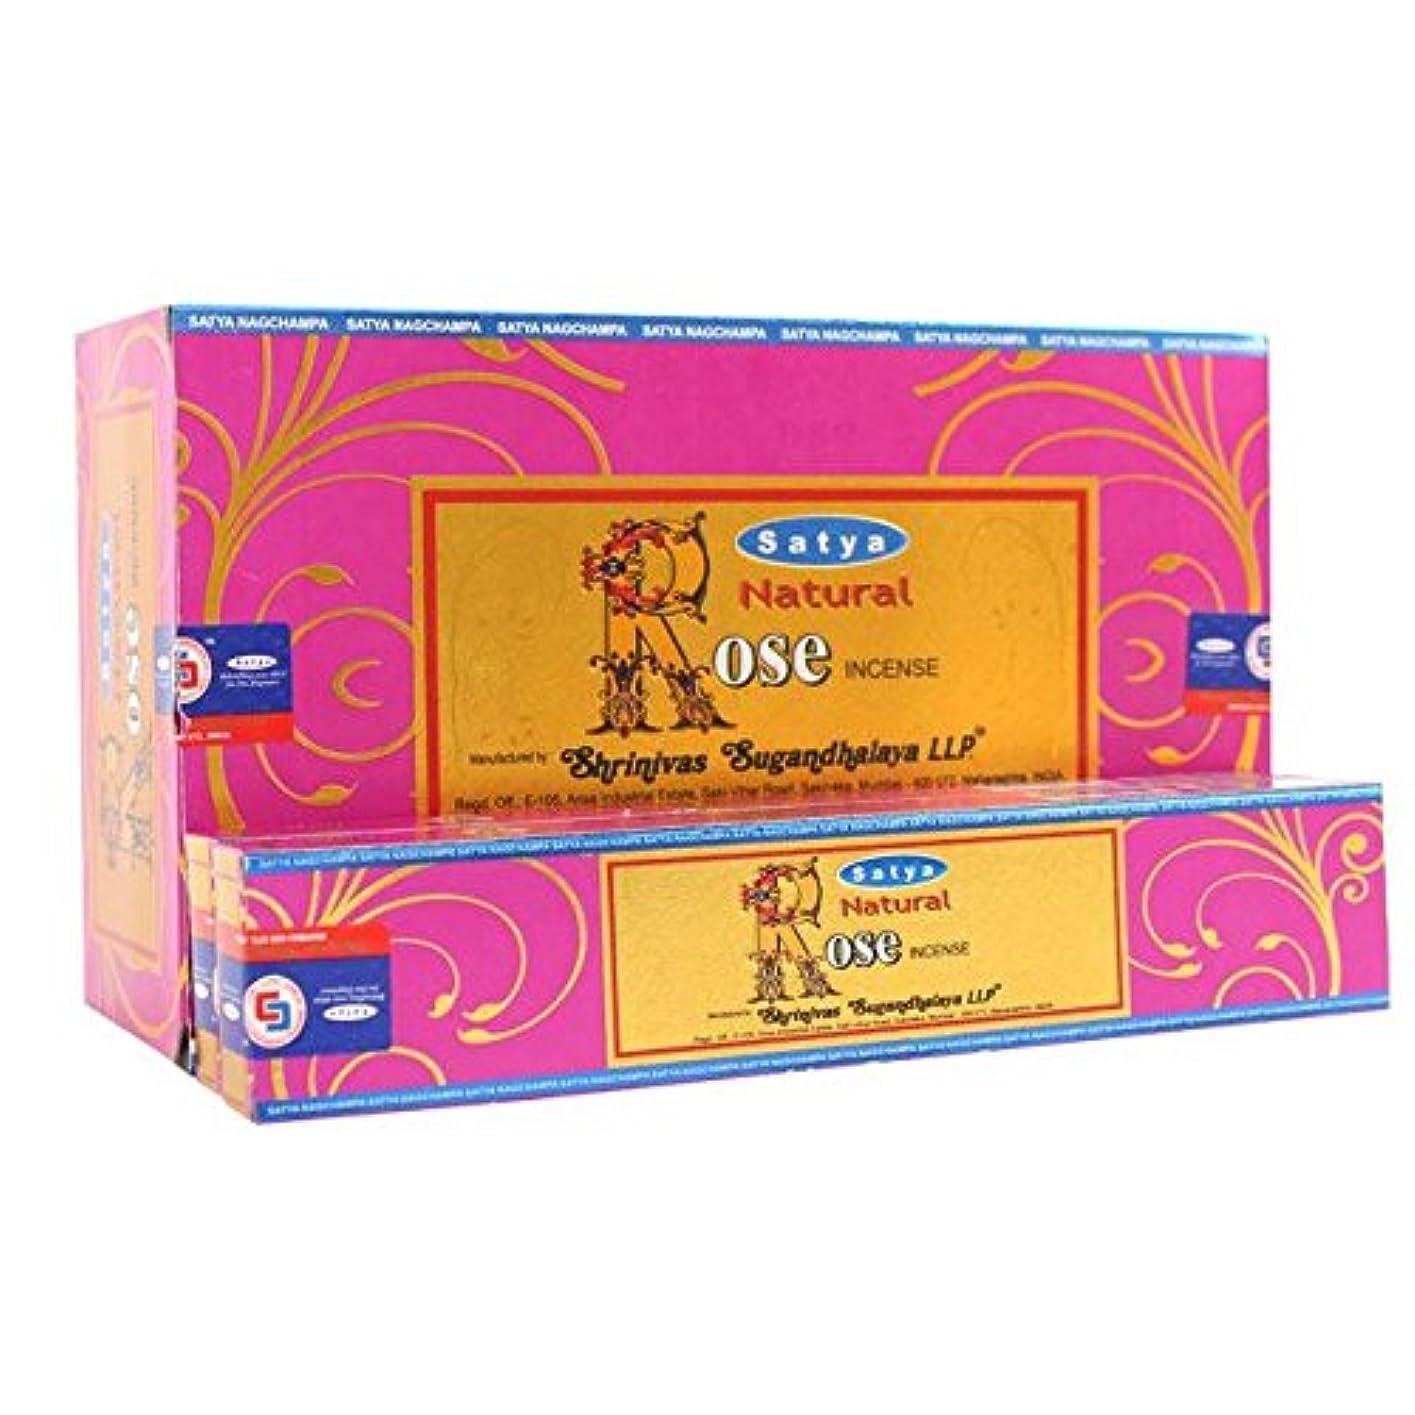 展望台かんたんシリンダーBox Of 12 Packs Of Natural Rose Incense Sticks By Satya